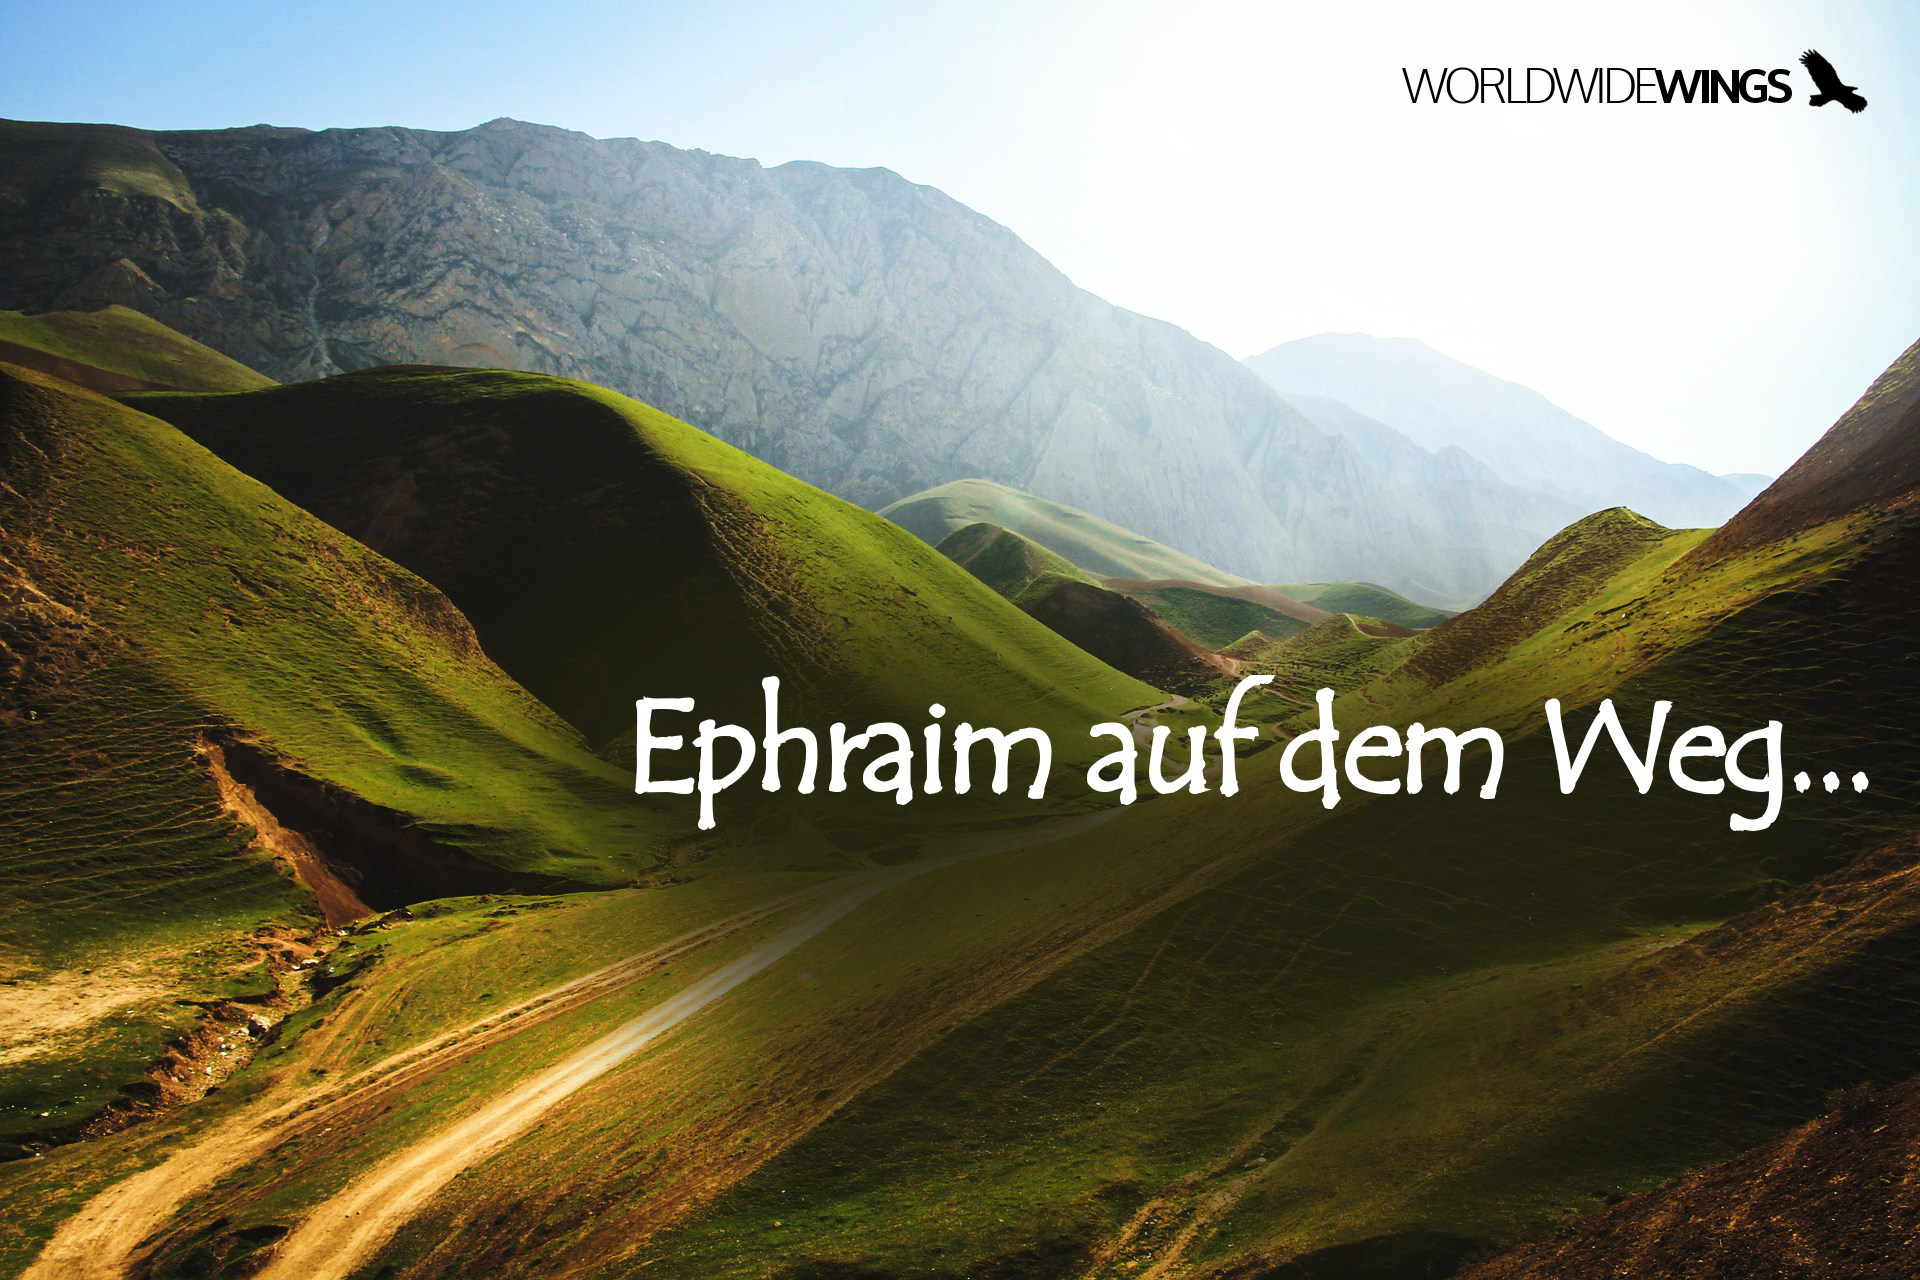 Ephraim auf dem Weg – Die zweite Episode…